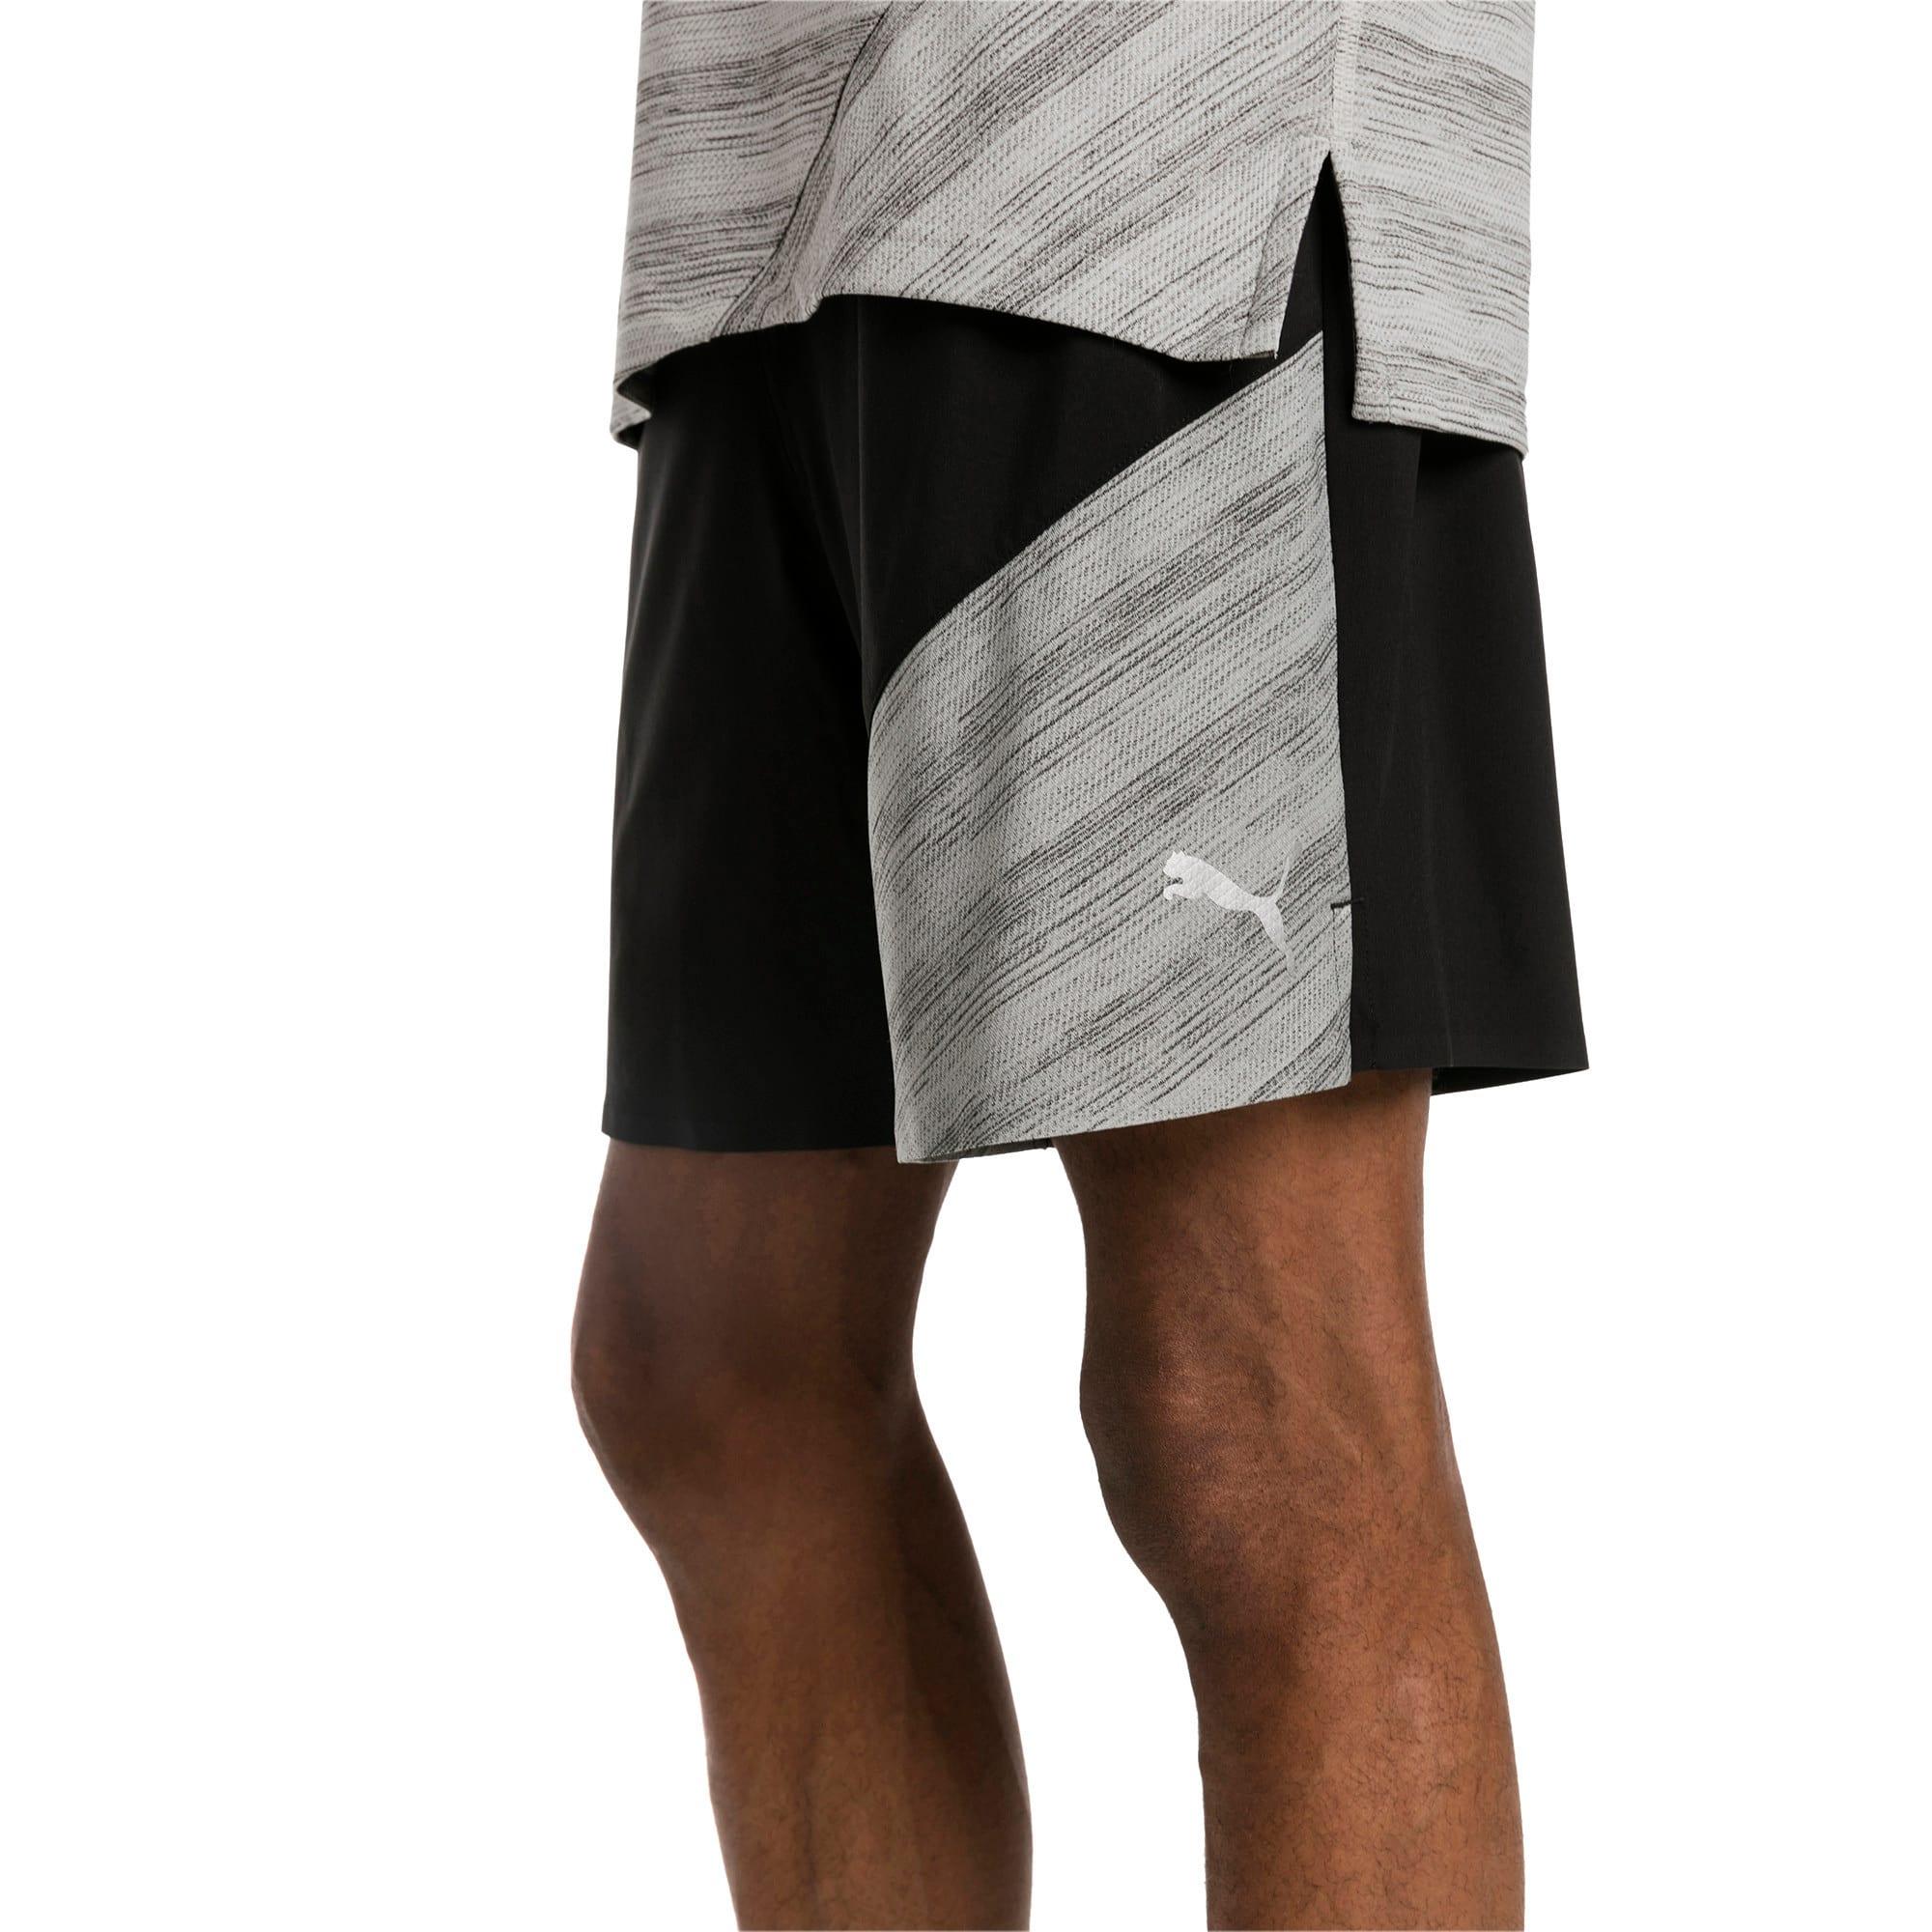 """Thumbnail 4 of Pace 7"""" 2 in 1 Men's Running Shorts, Puma Black-Medium Gry Hthr, medium-IND"""